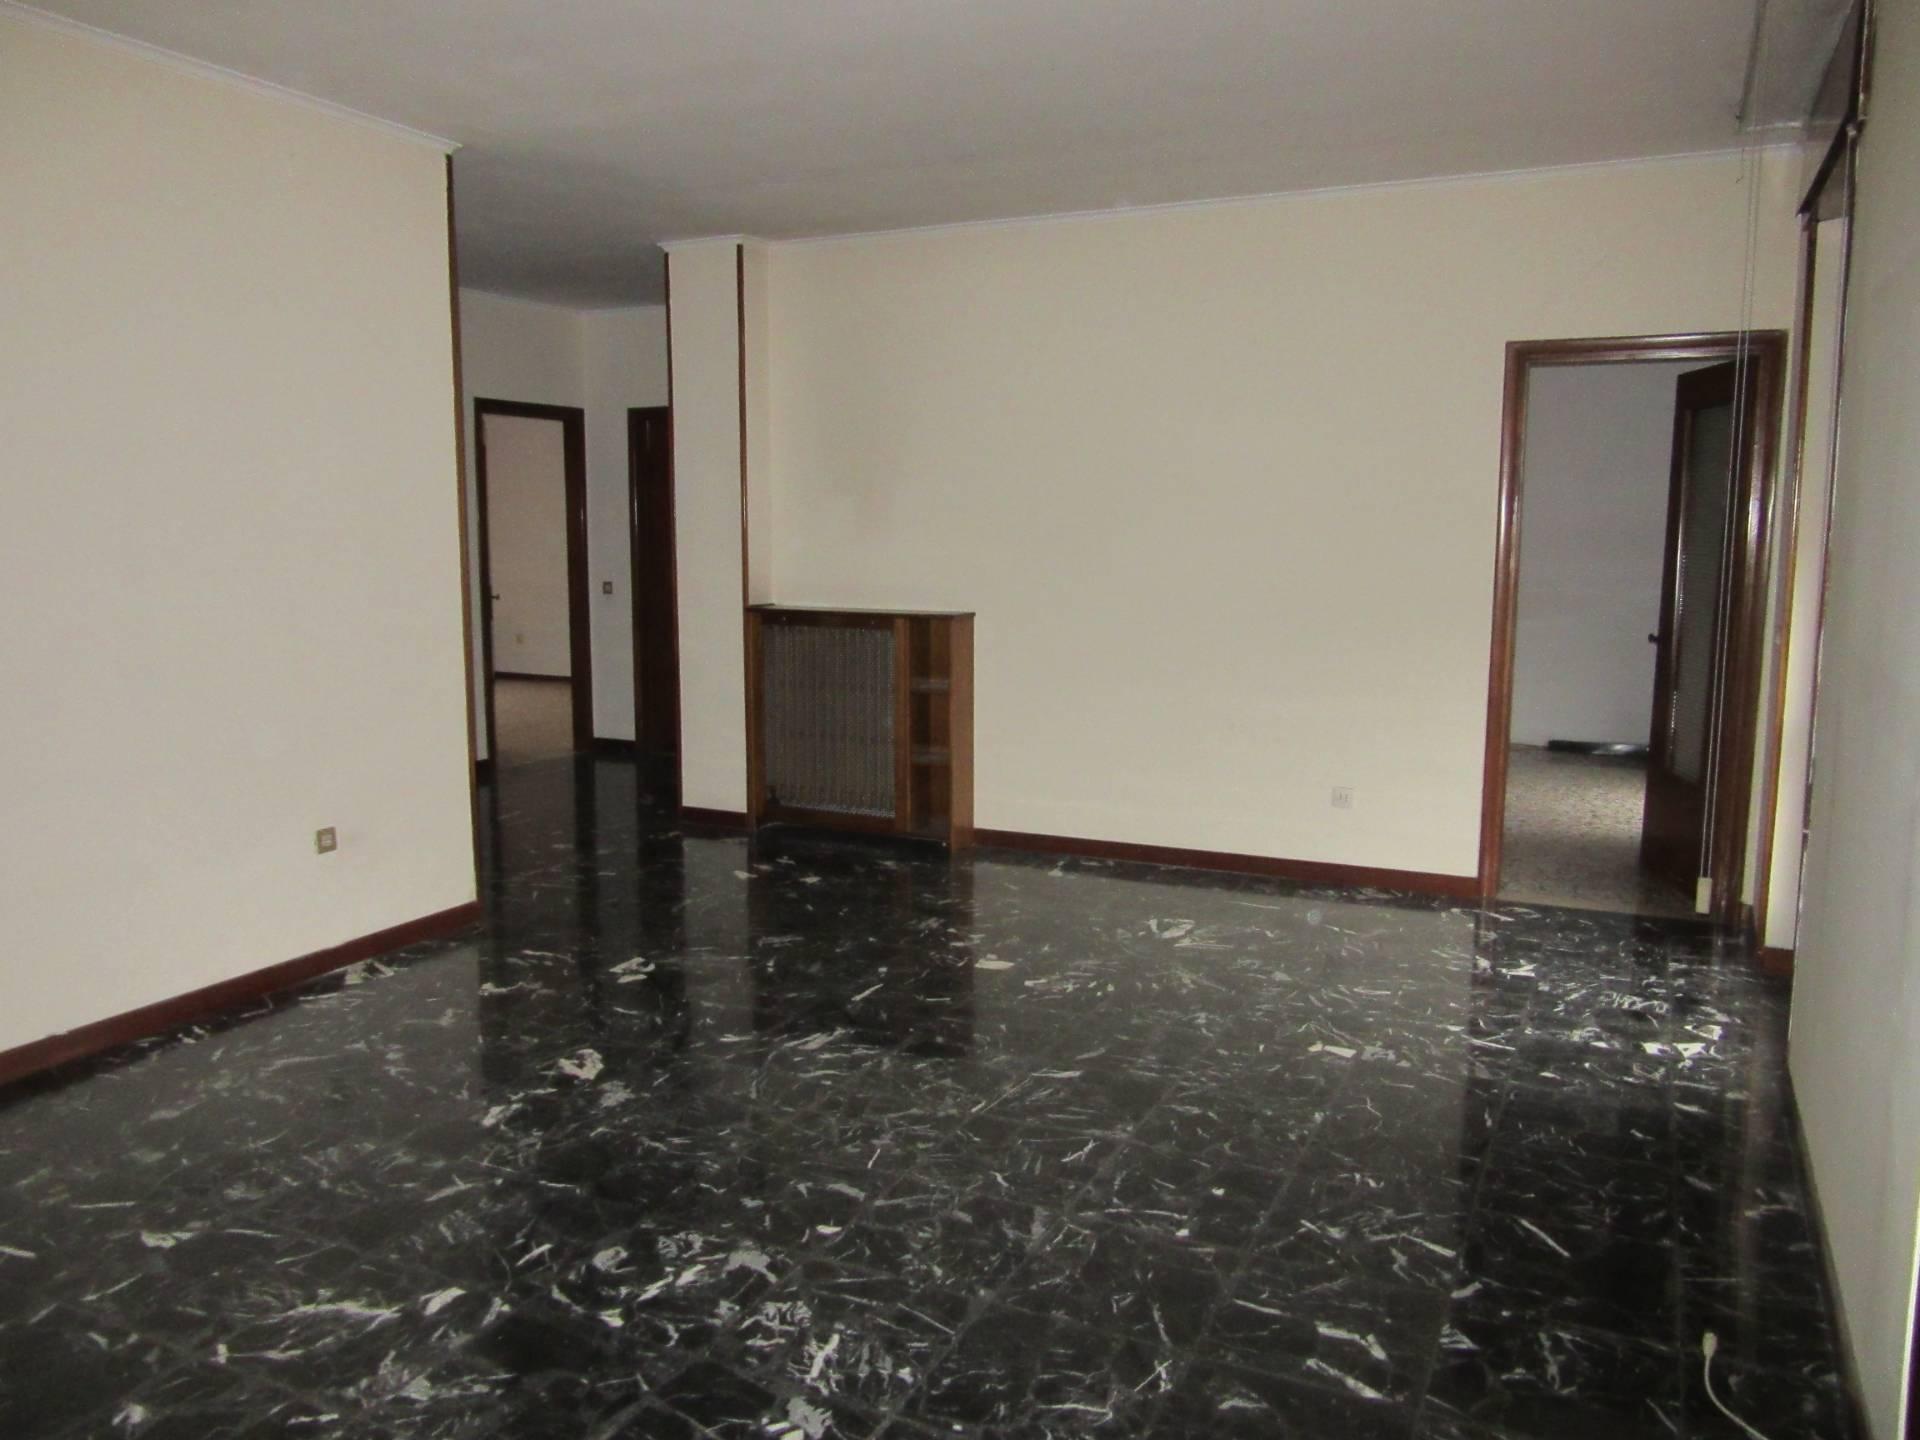 Appartamento in vendita a Villa Carcina, 3 locali, zona Zona: Pregno, prezzo € 139.000 | CambioCasa.it